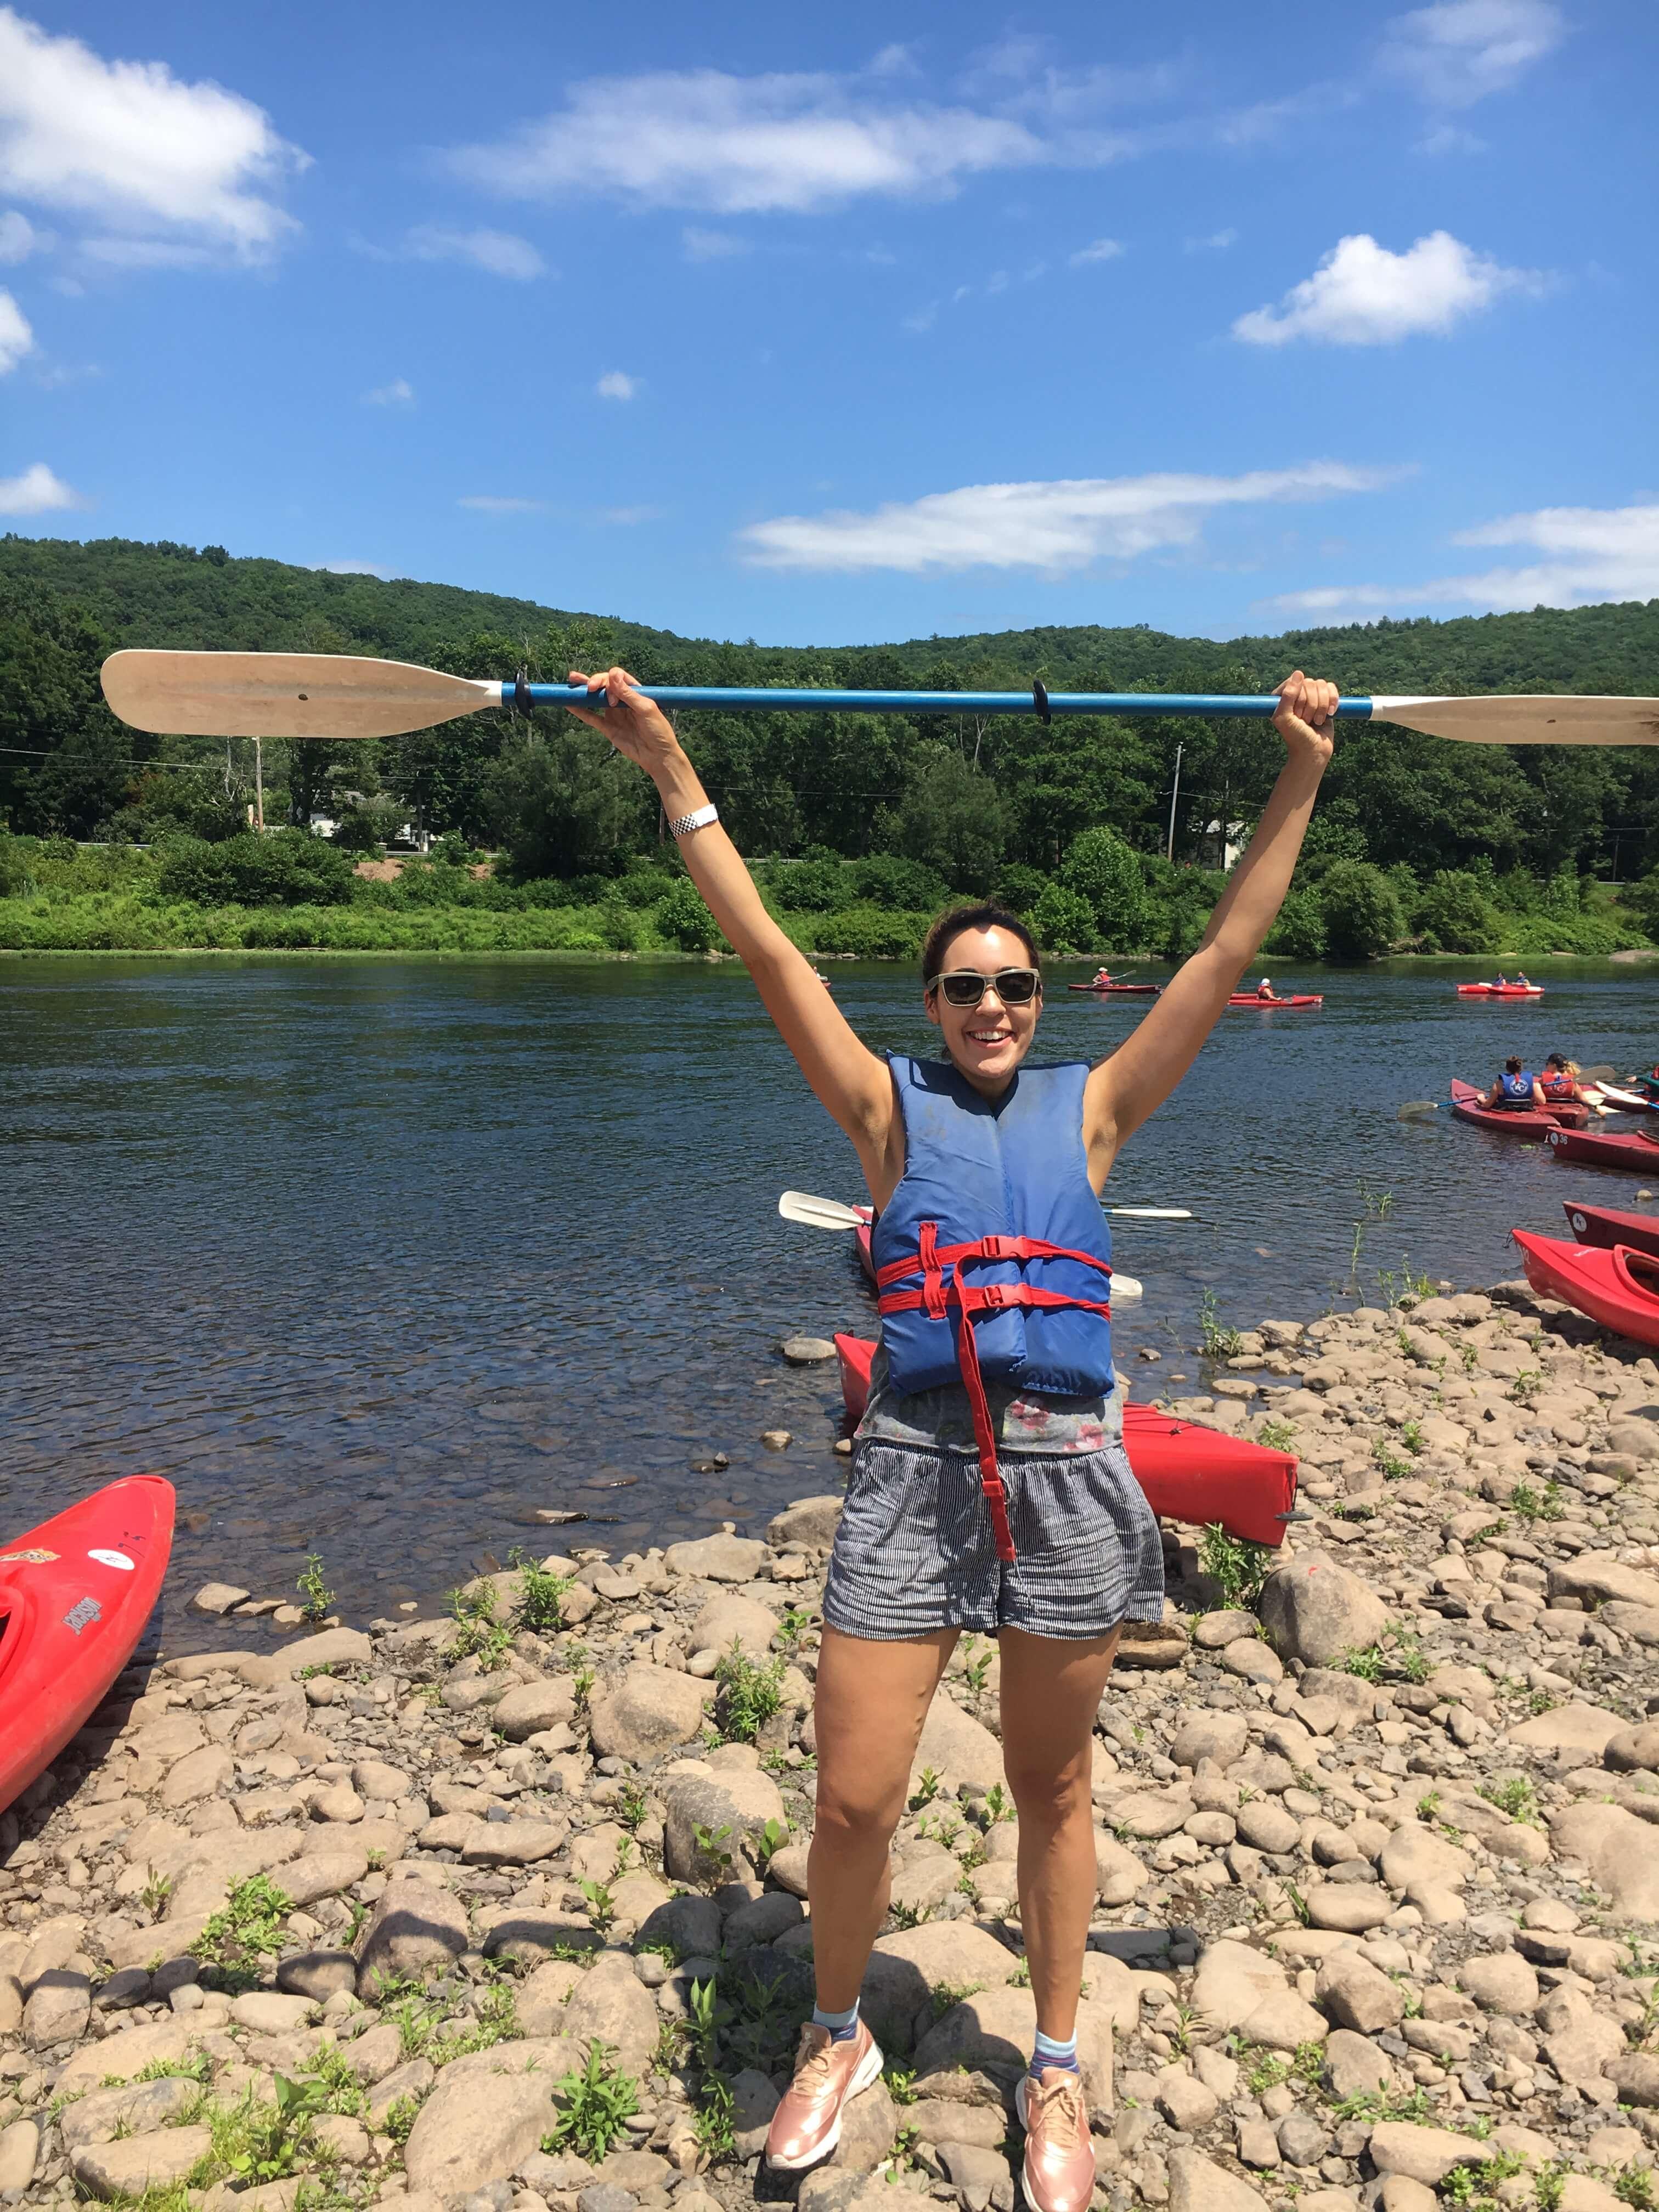 day trip at Kittatiny Canoes PA